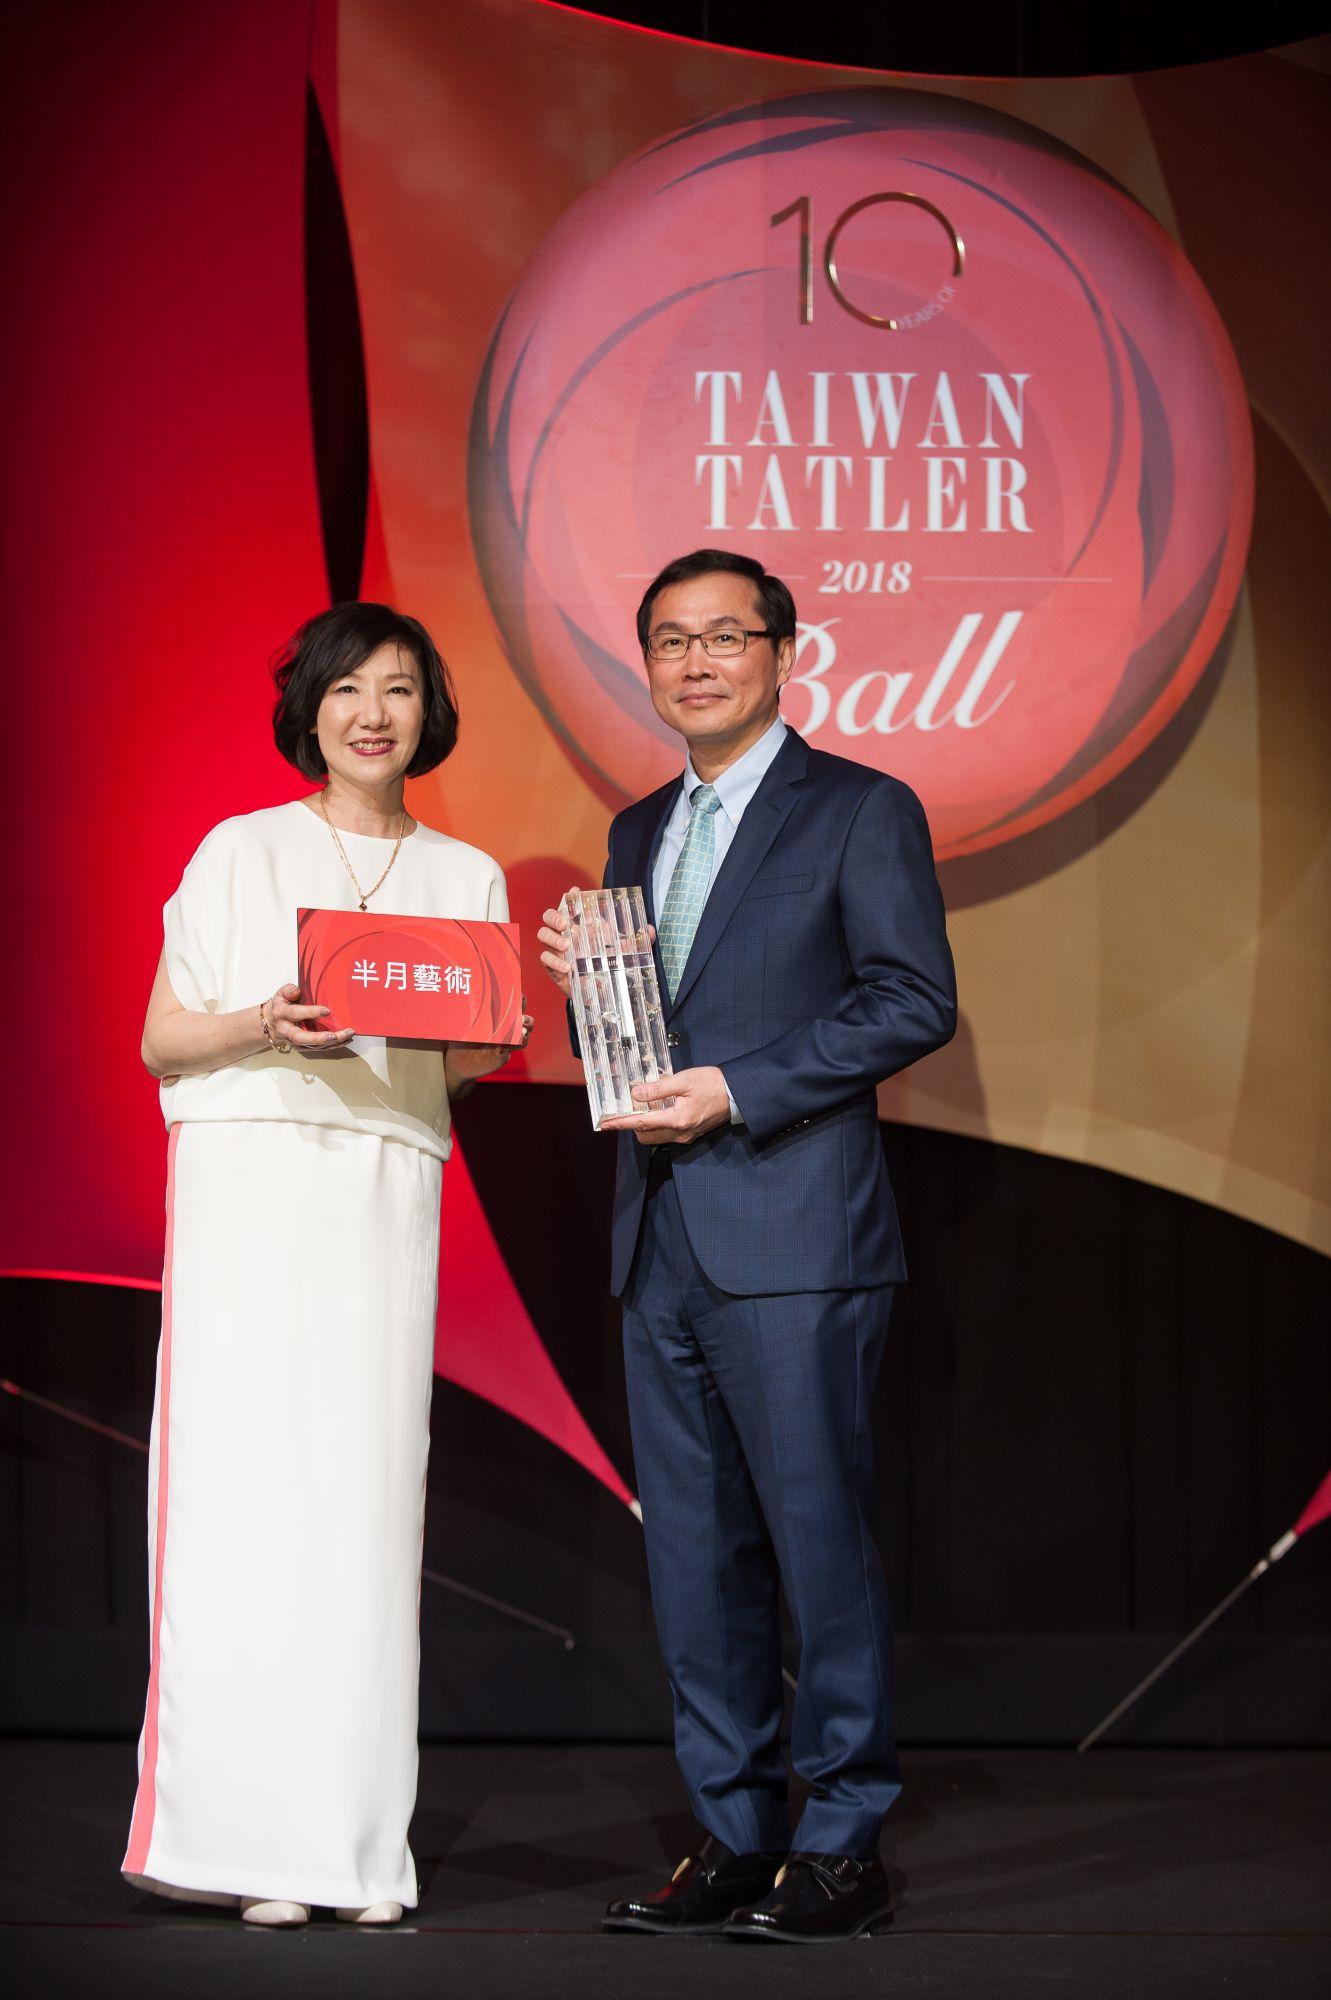 金車關係事業總經理李玉鼎獲得「年度風雲企業家」獎項,獎品由半月藝術贊助。